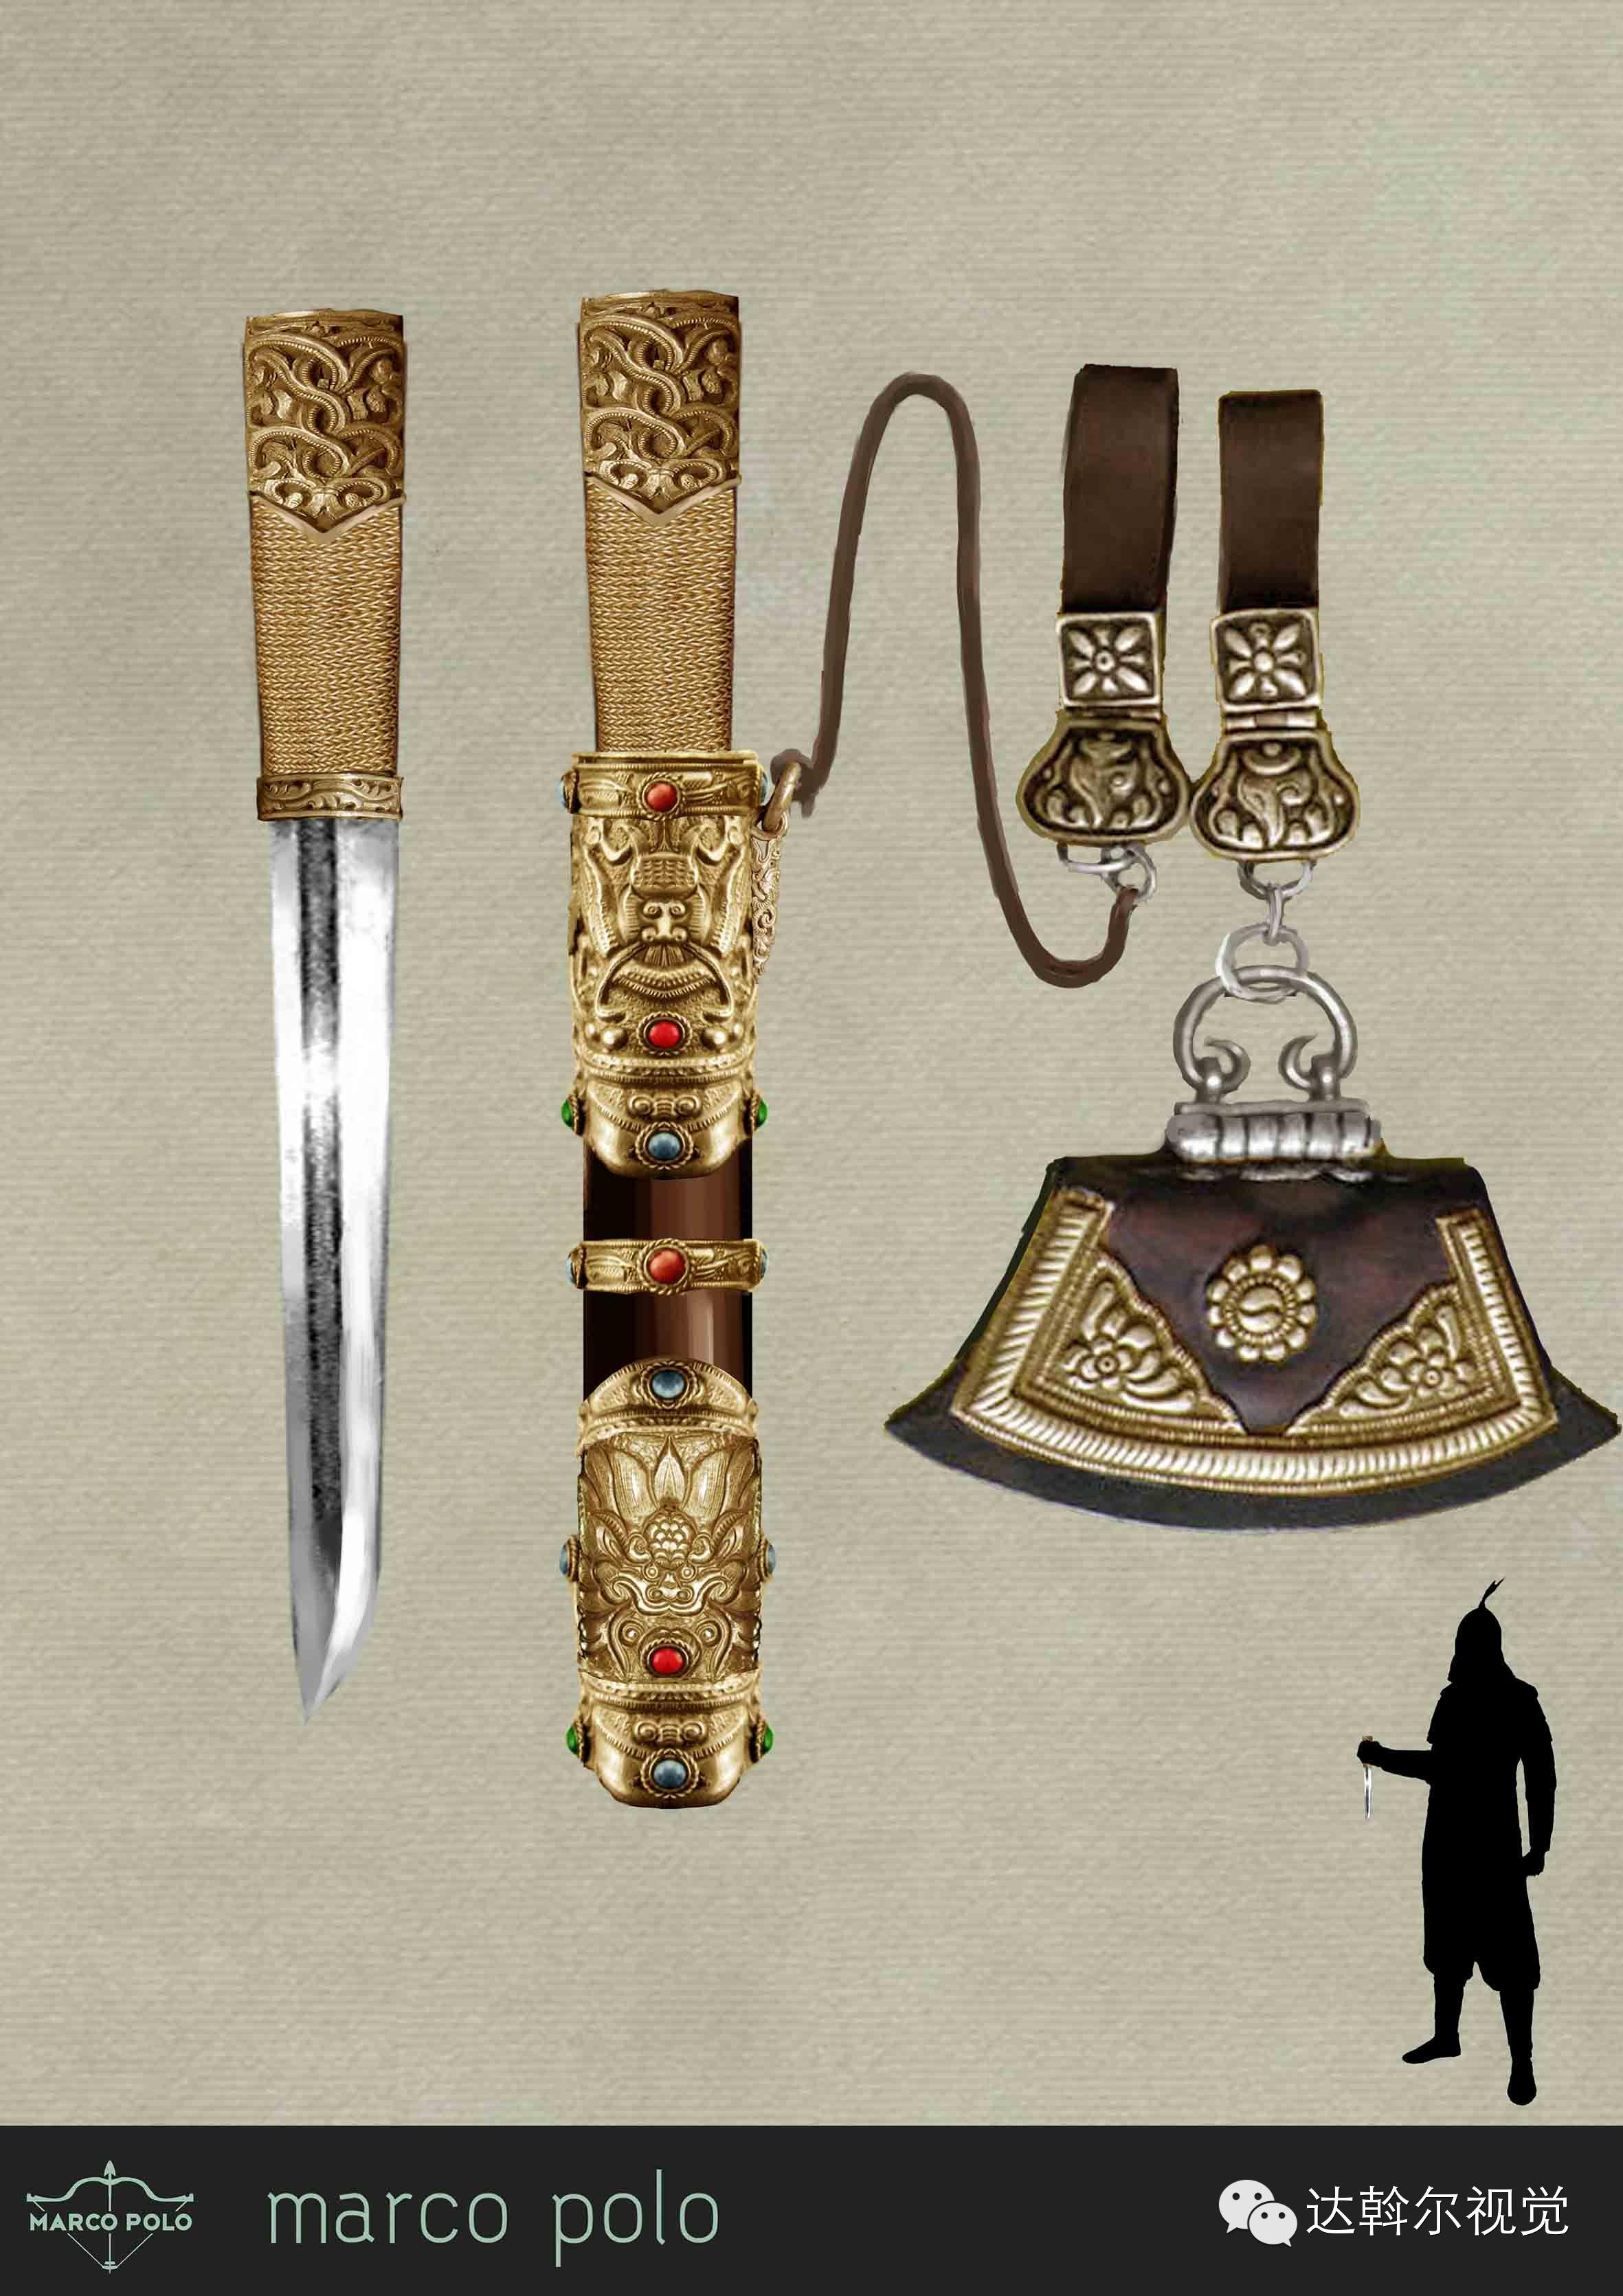 蒙古题材美剧《马可波罗》兵器设计欣赏 第4张